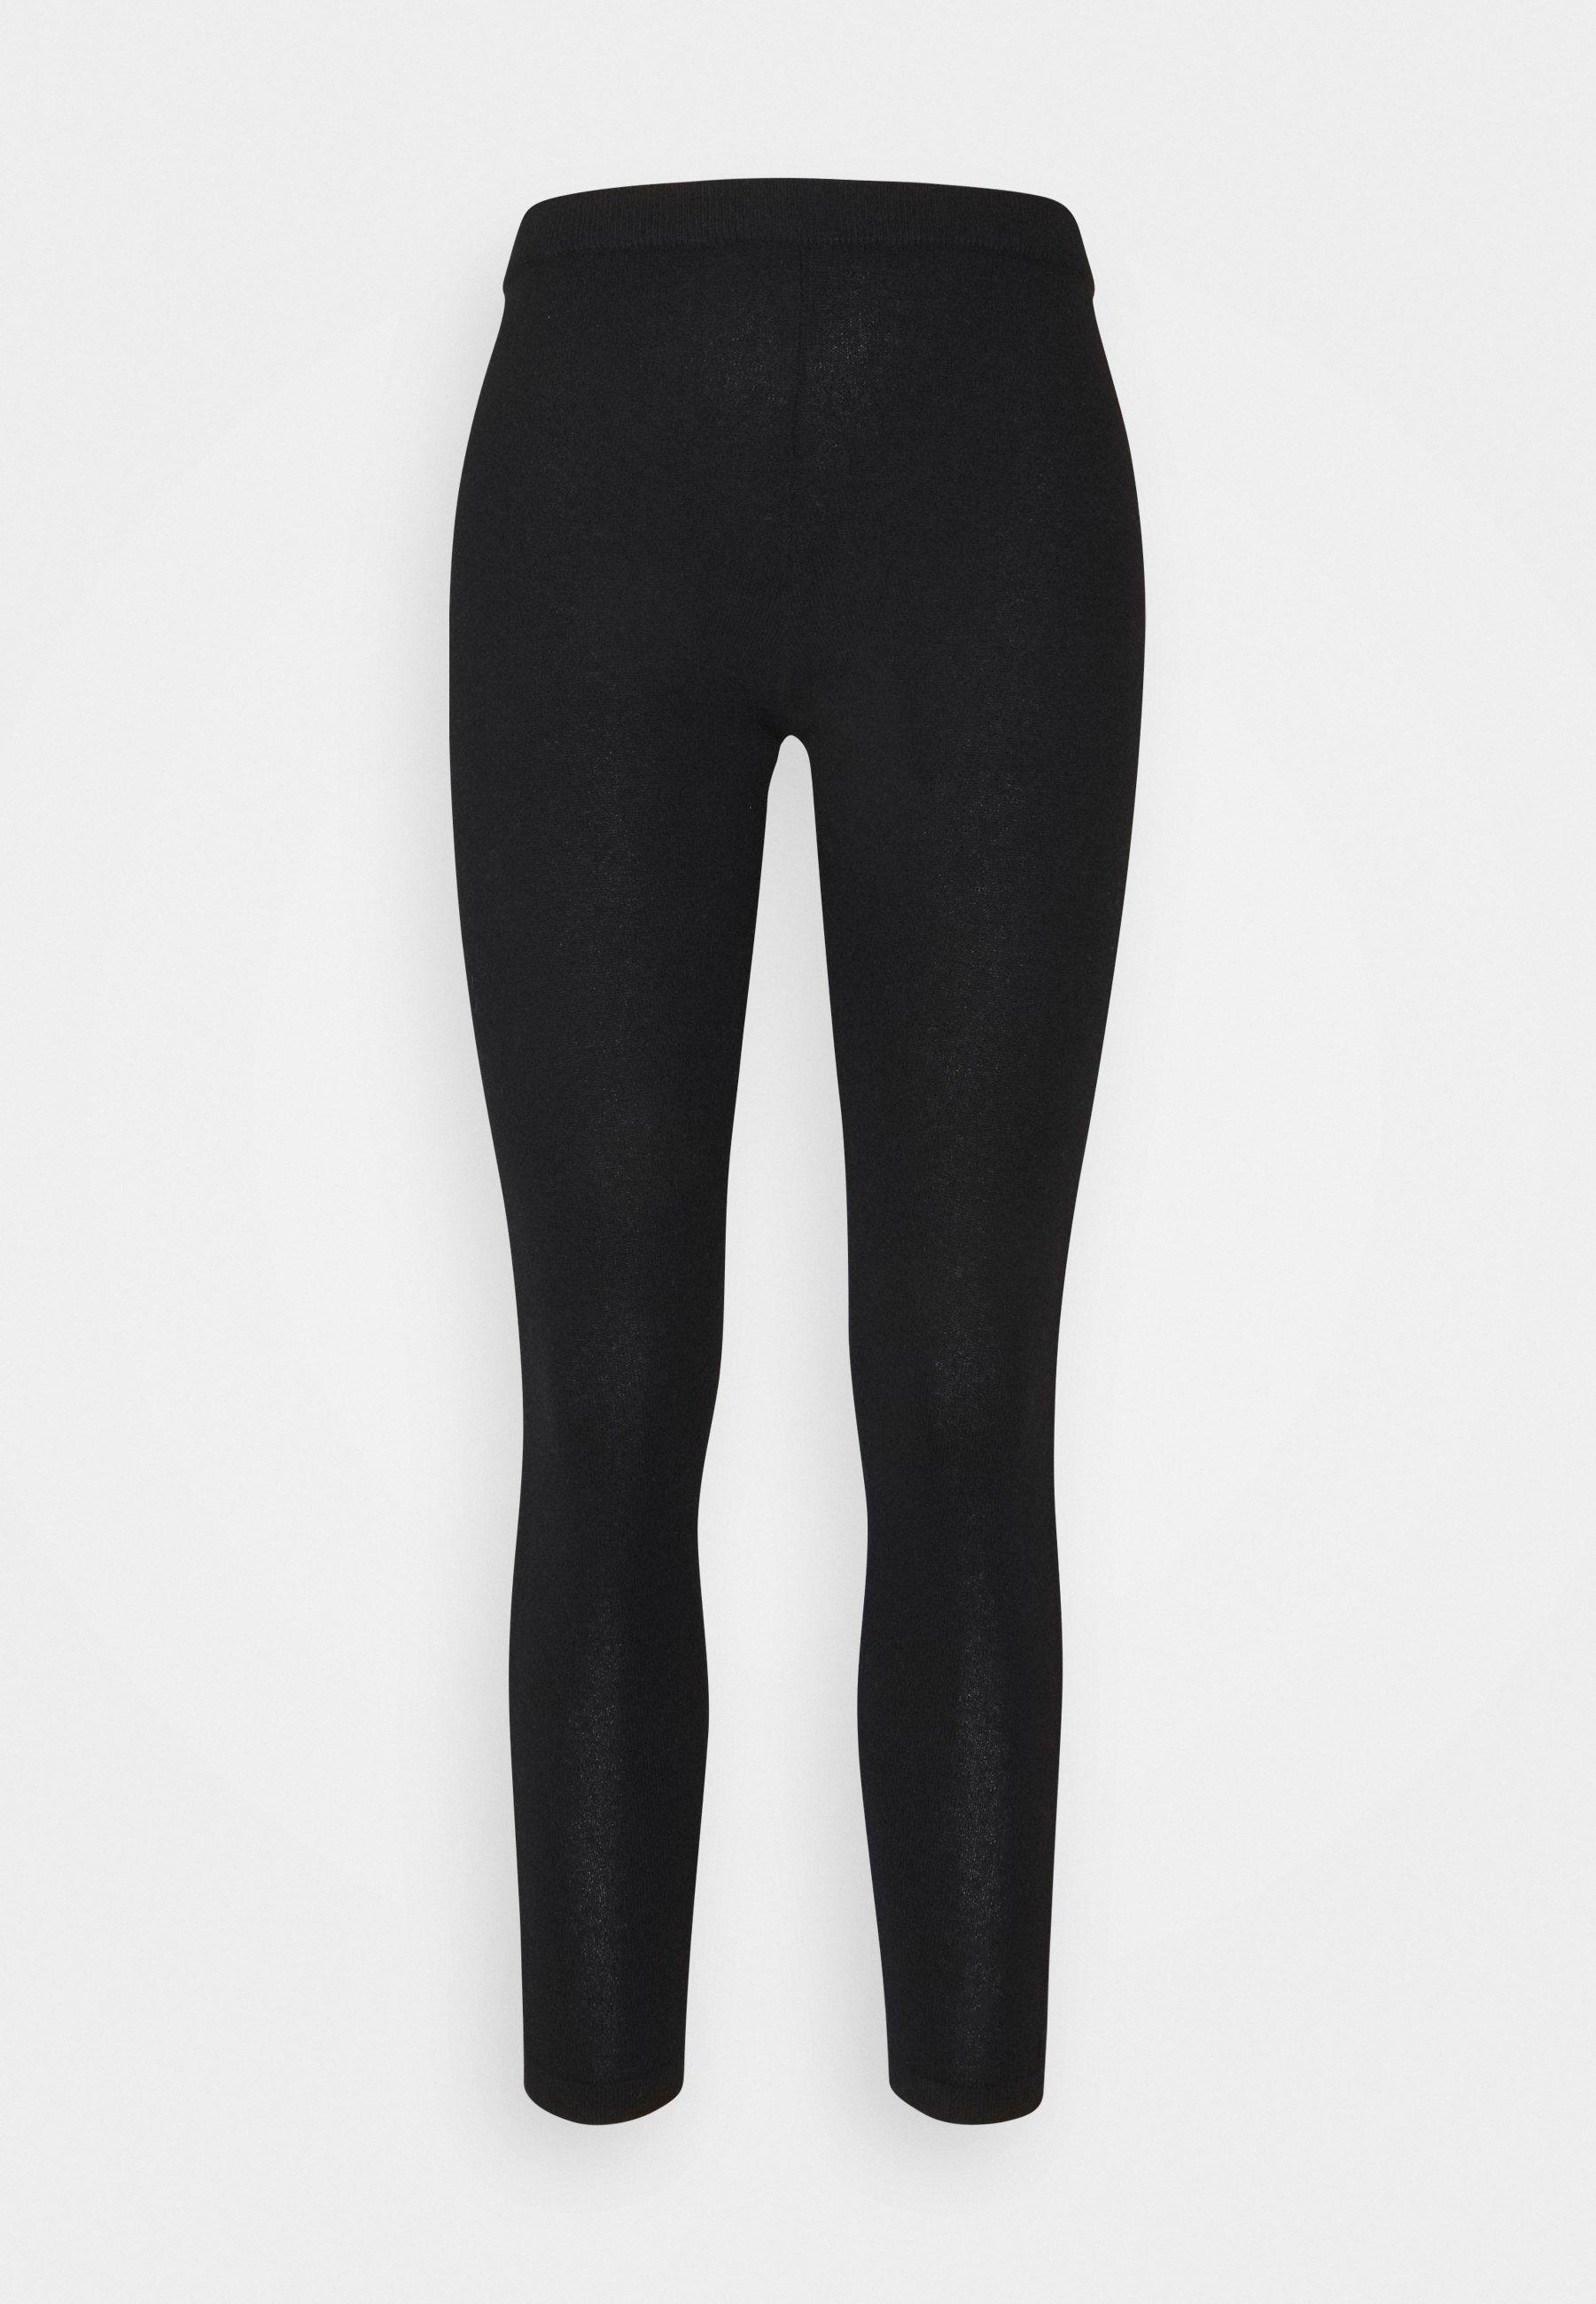 Damen PANEL LEGGINGS - Leggings - Hosen